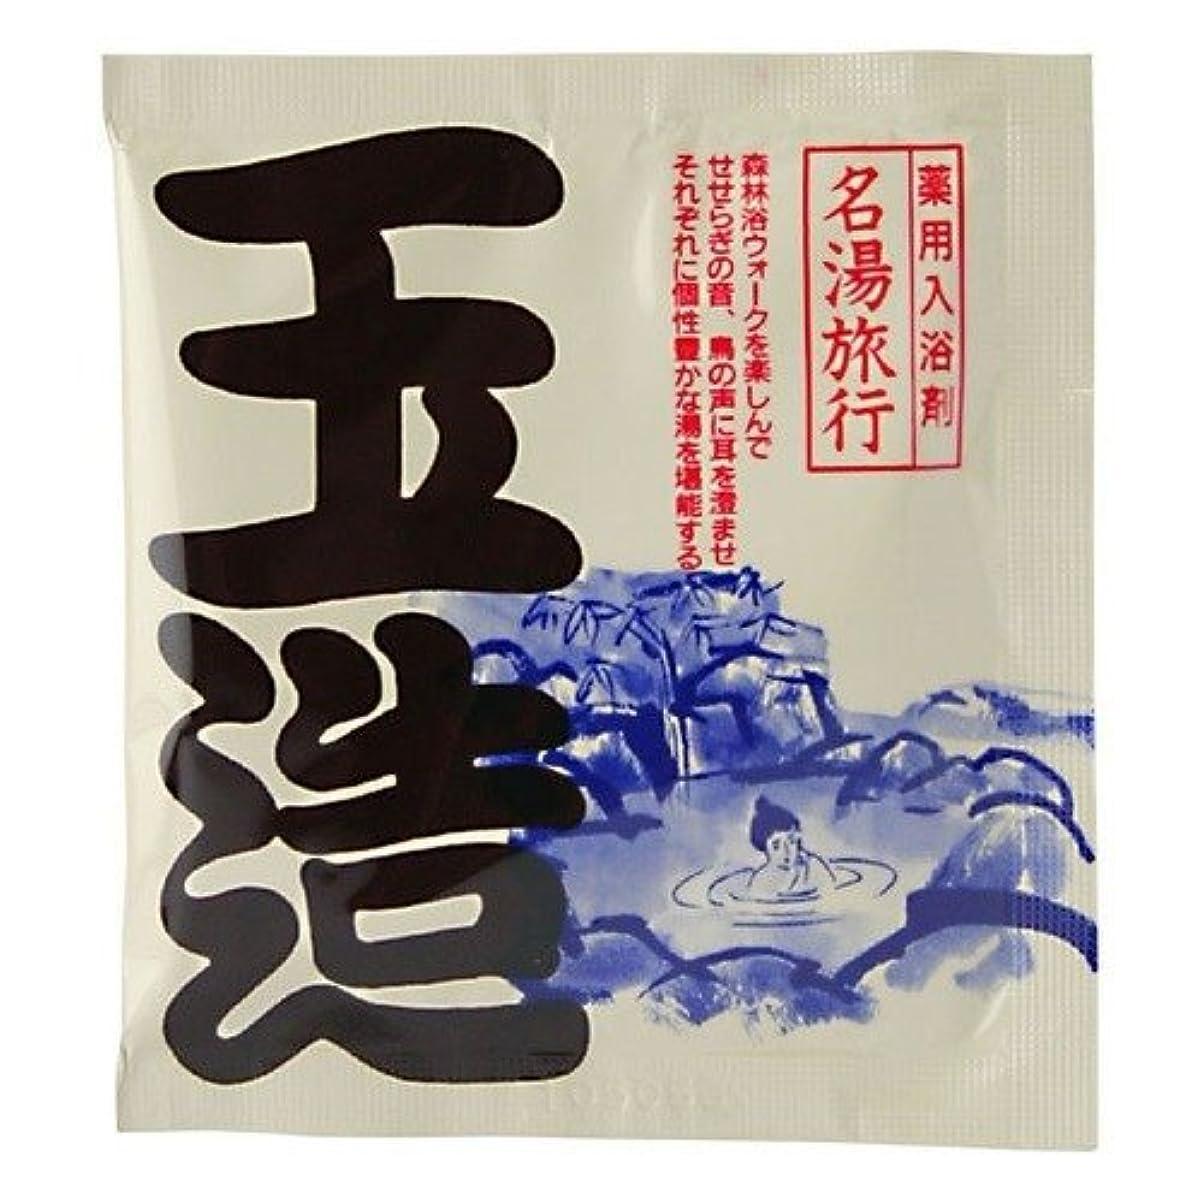 にじみ出るめまい信じる五洲薬品 名湯旅行 玉造 25g 4987332126782